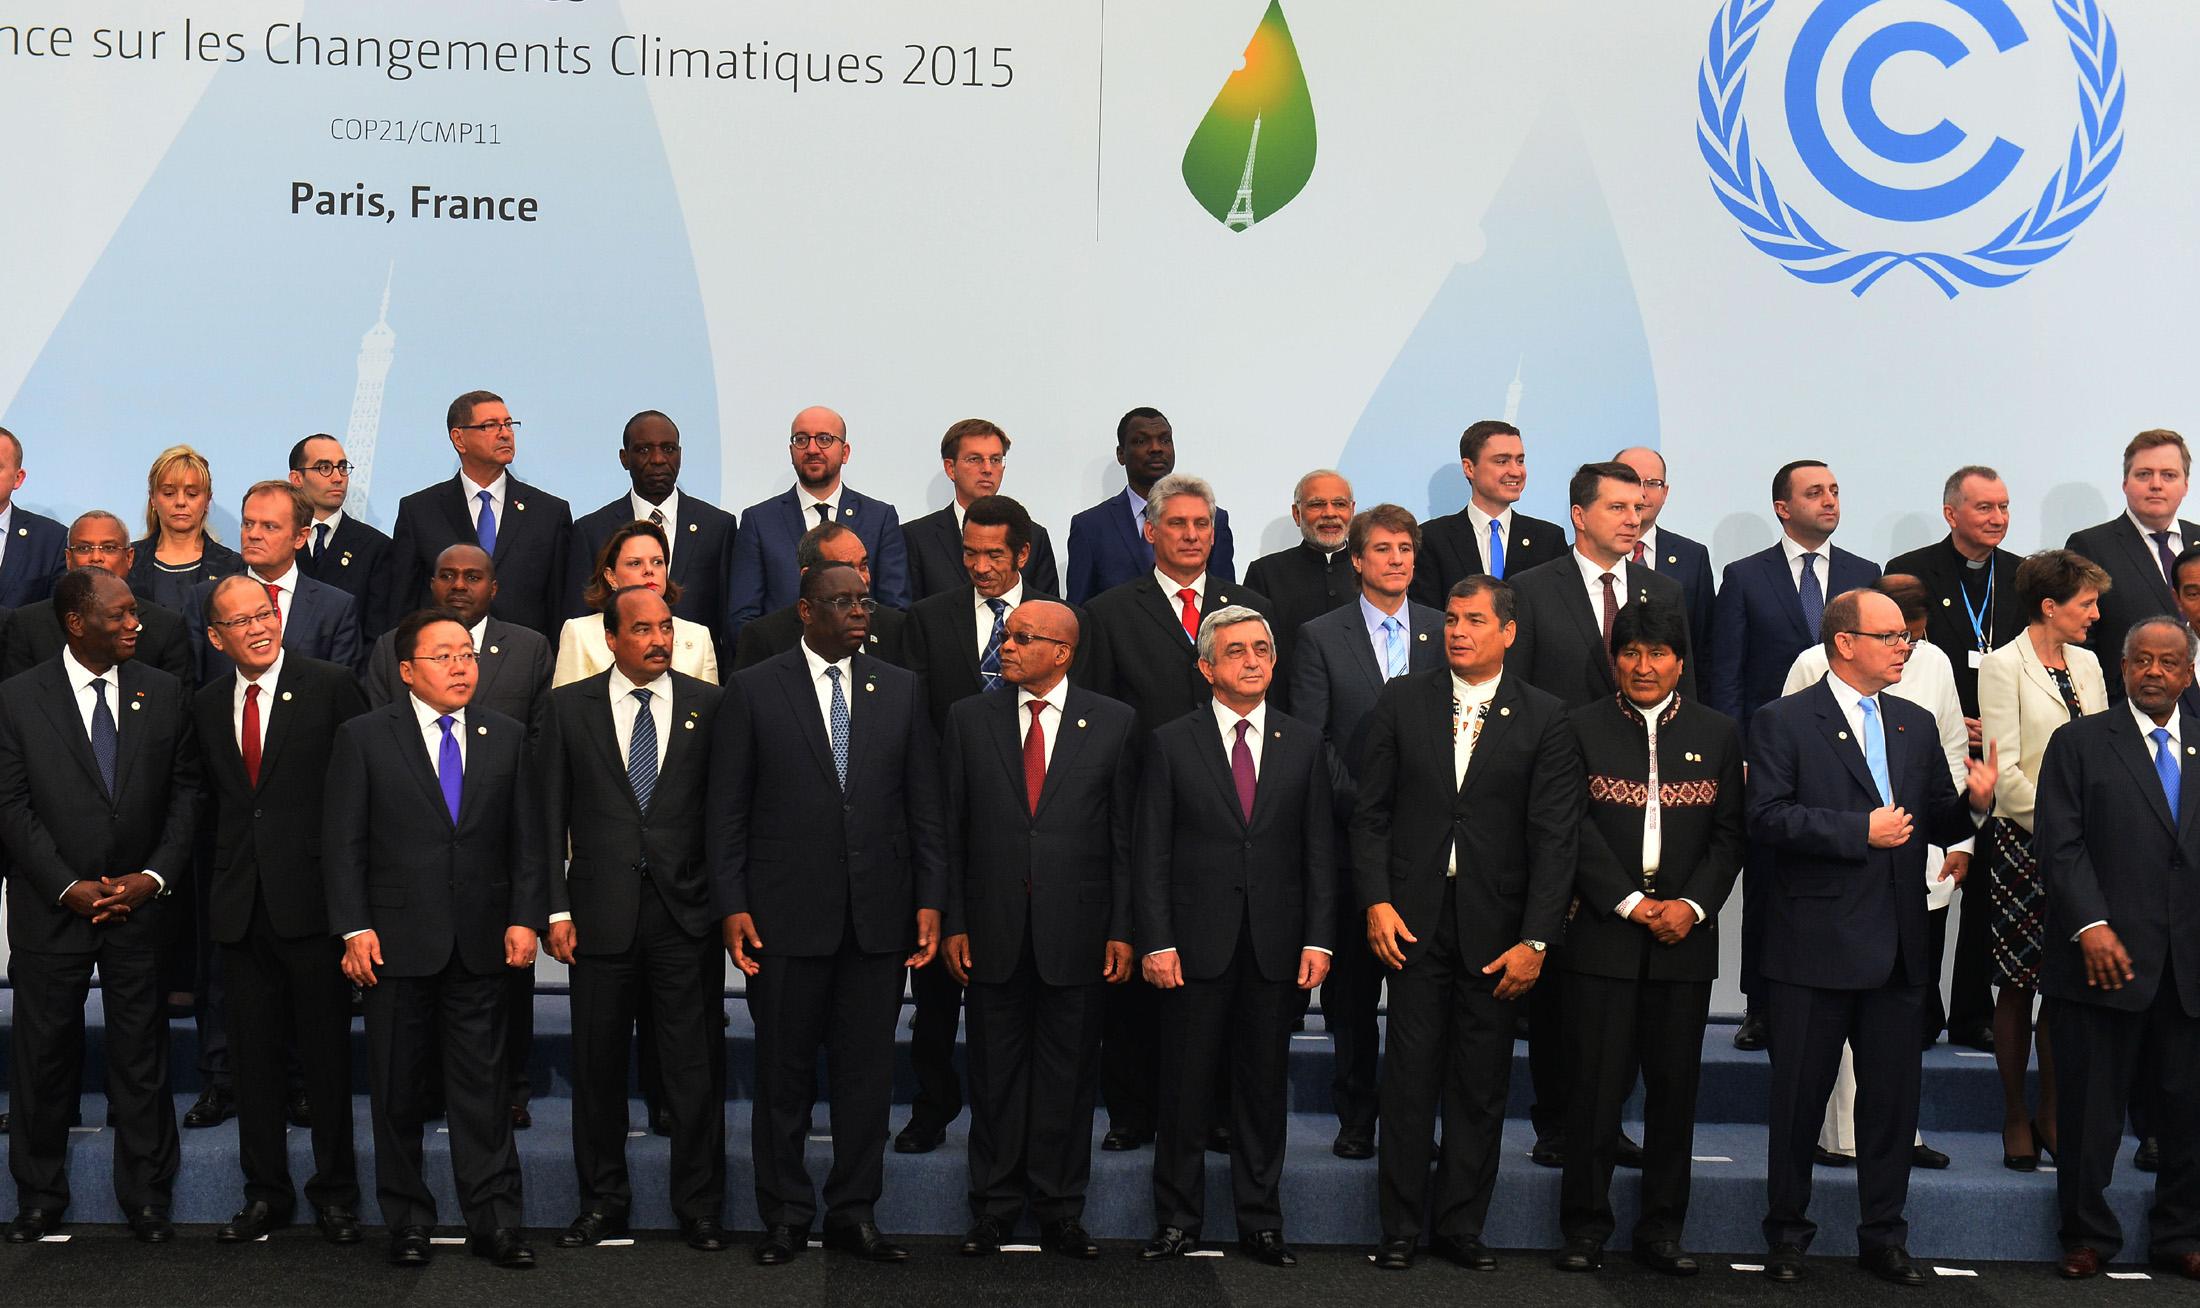 ترامپ از توافق تغییرات اقلیمی پاریس خارج نخواهد شد